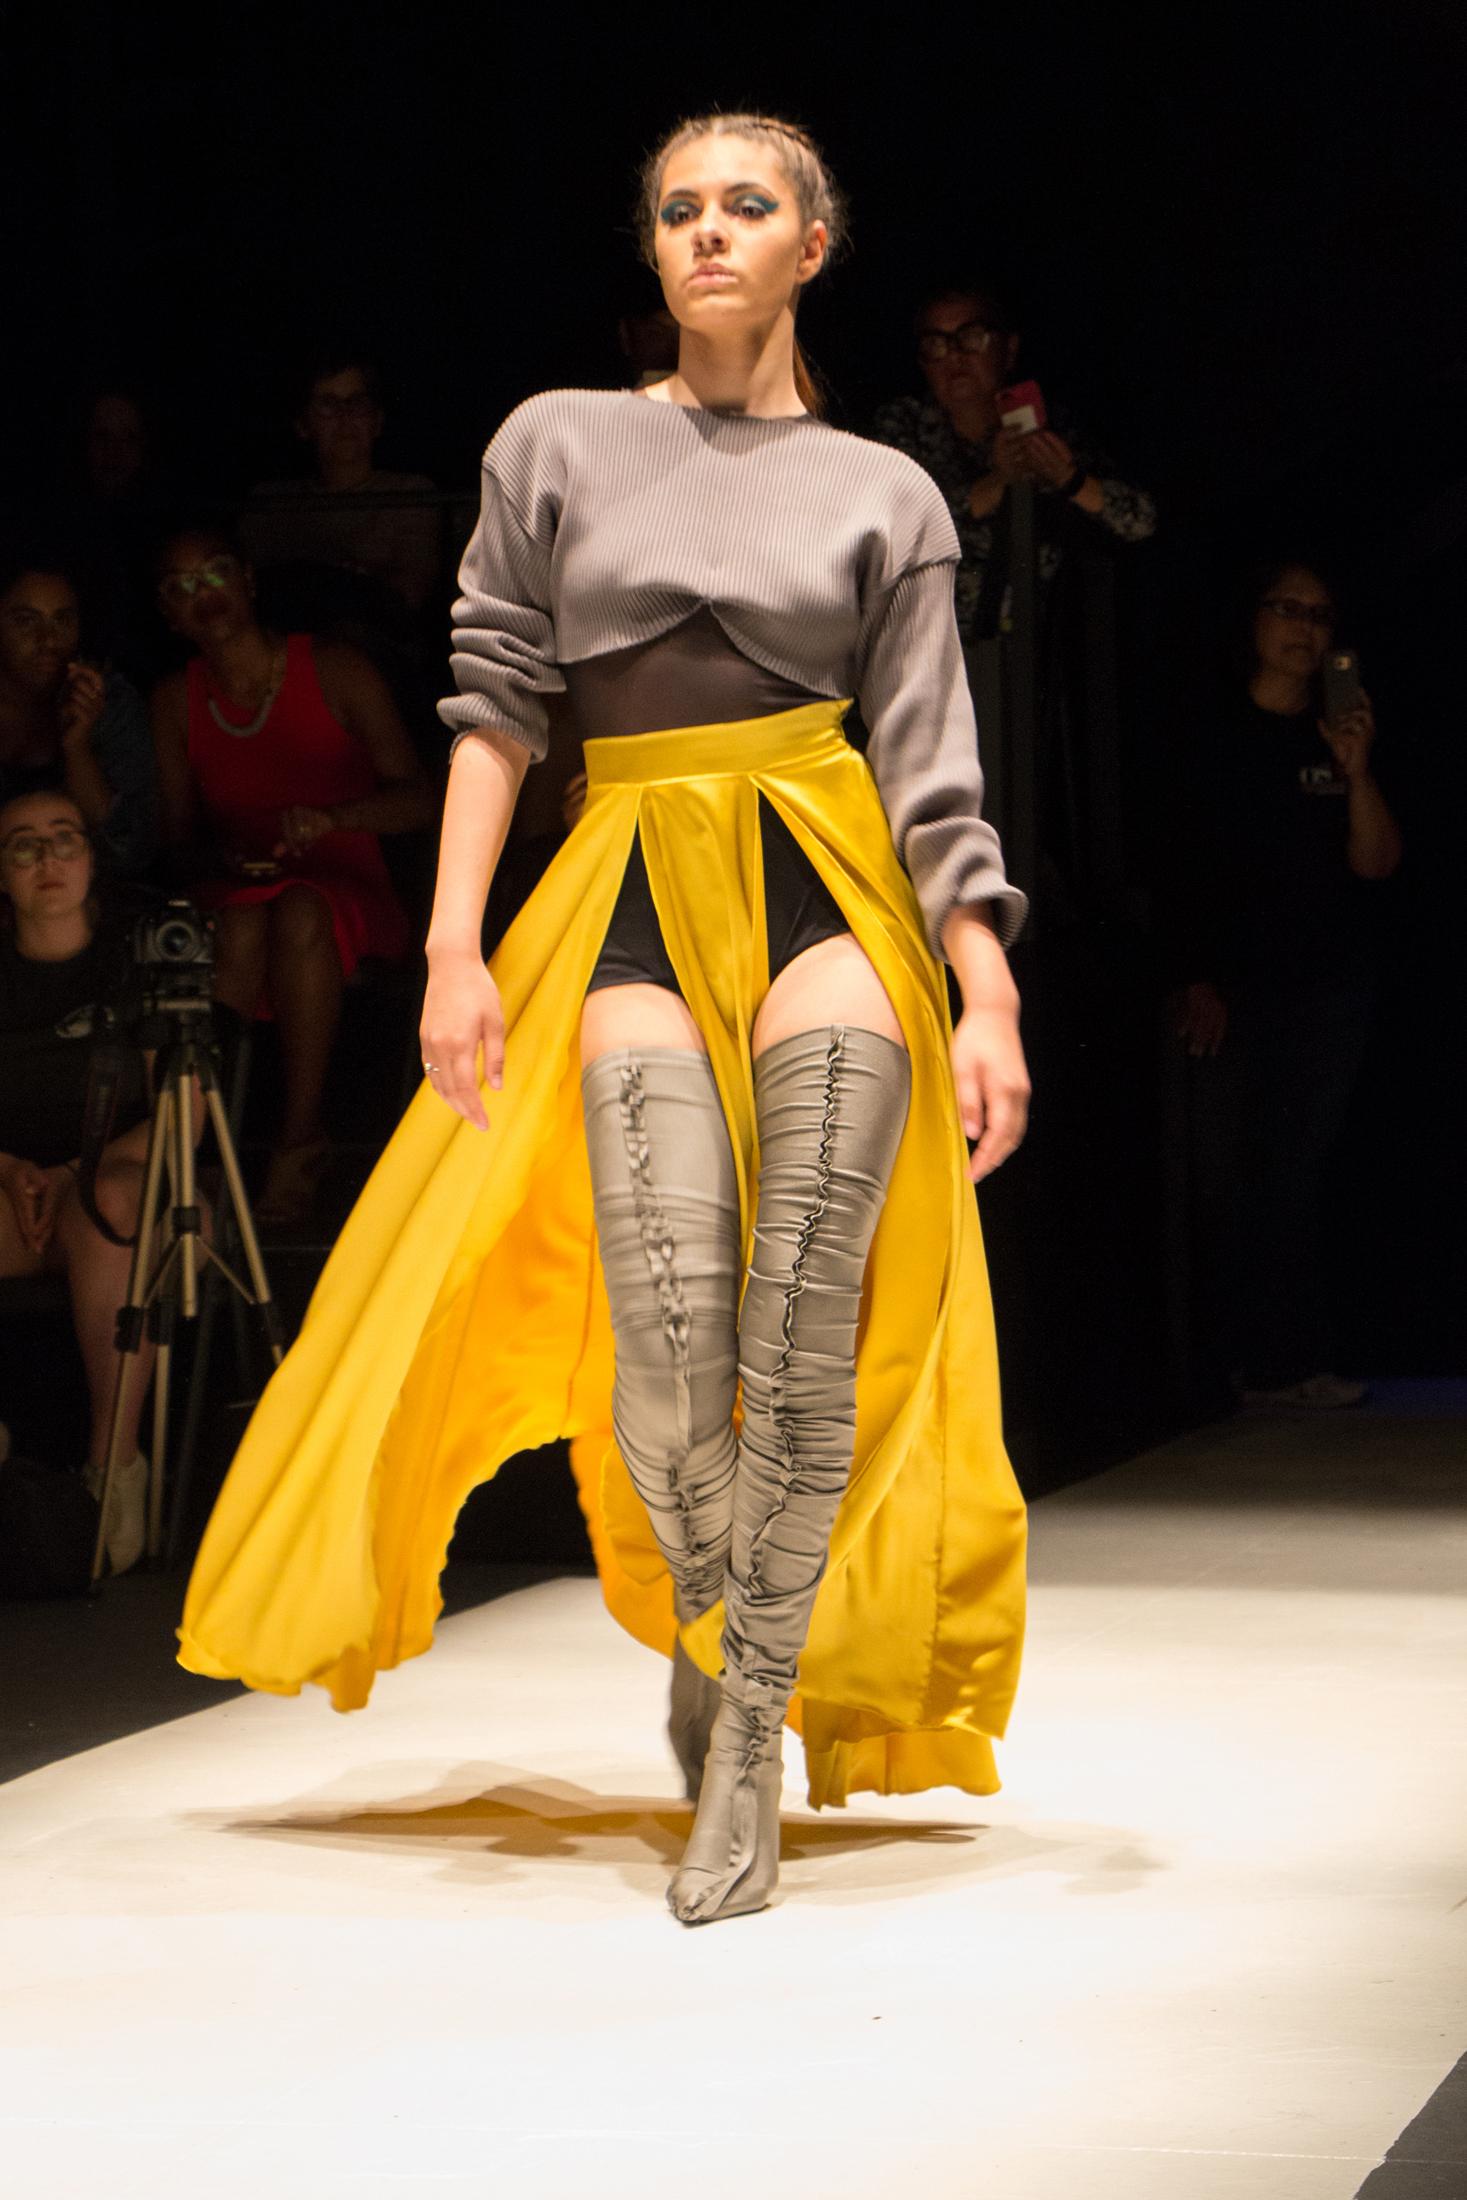 OSA-Fashion-2017-Zachary Fernandez-GregGutbezahl-26.jpg